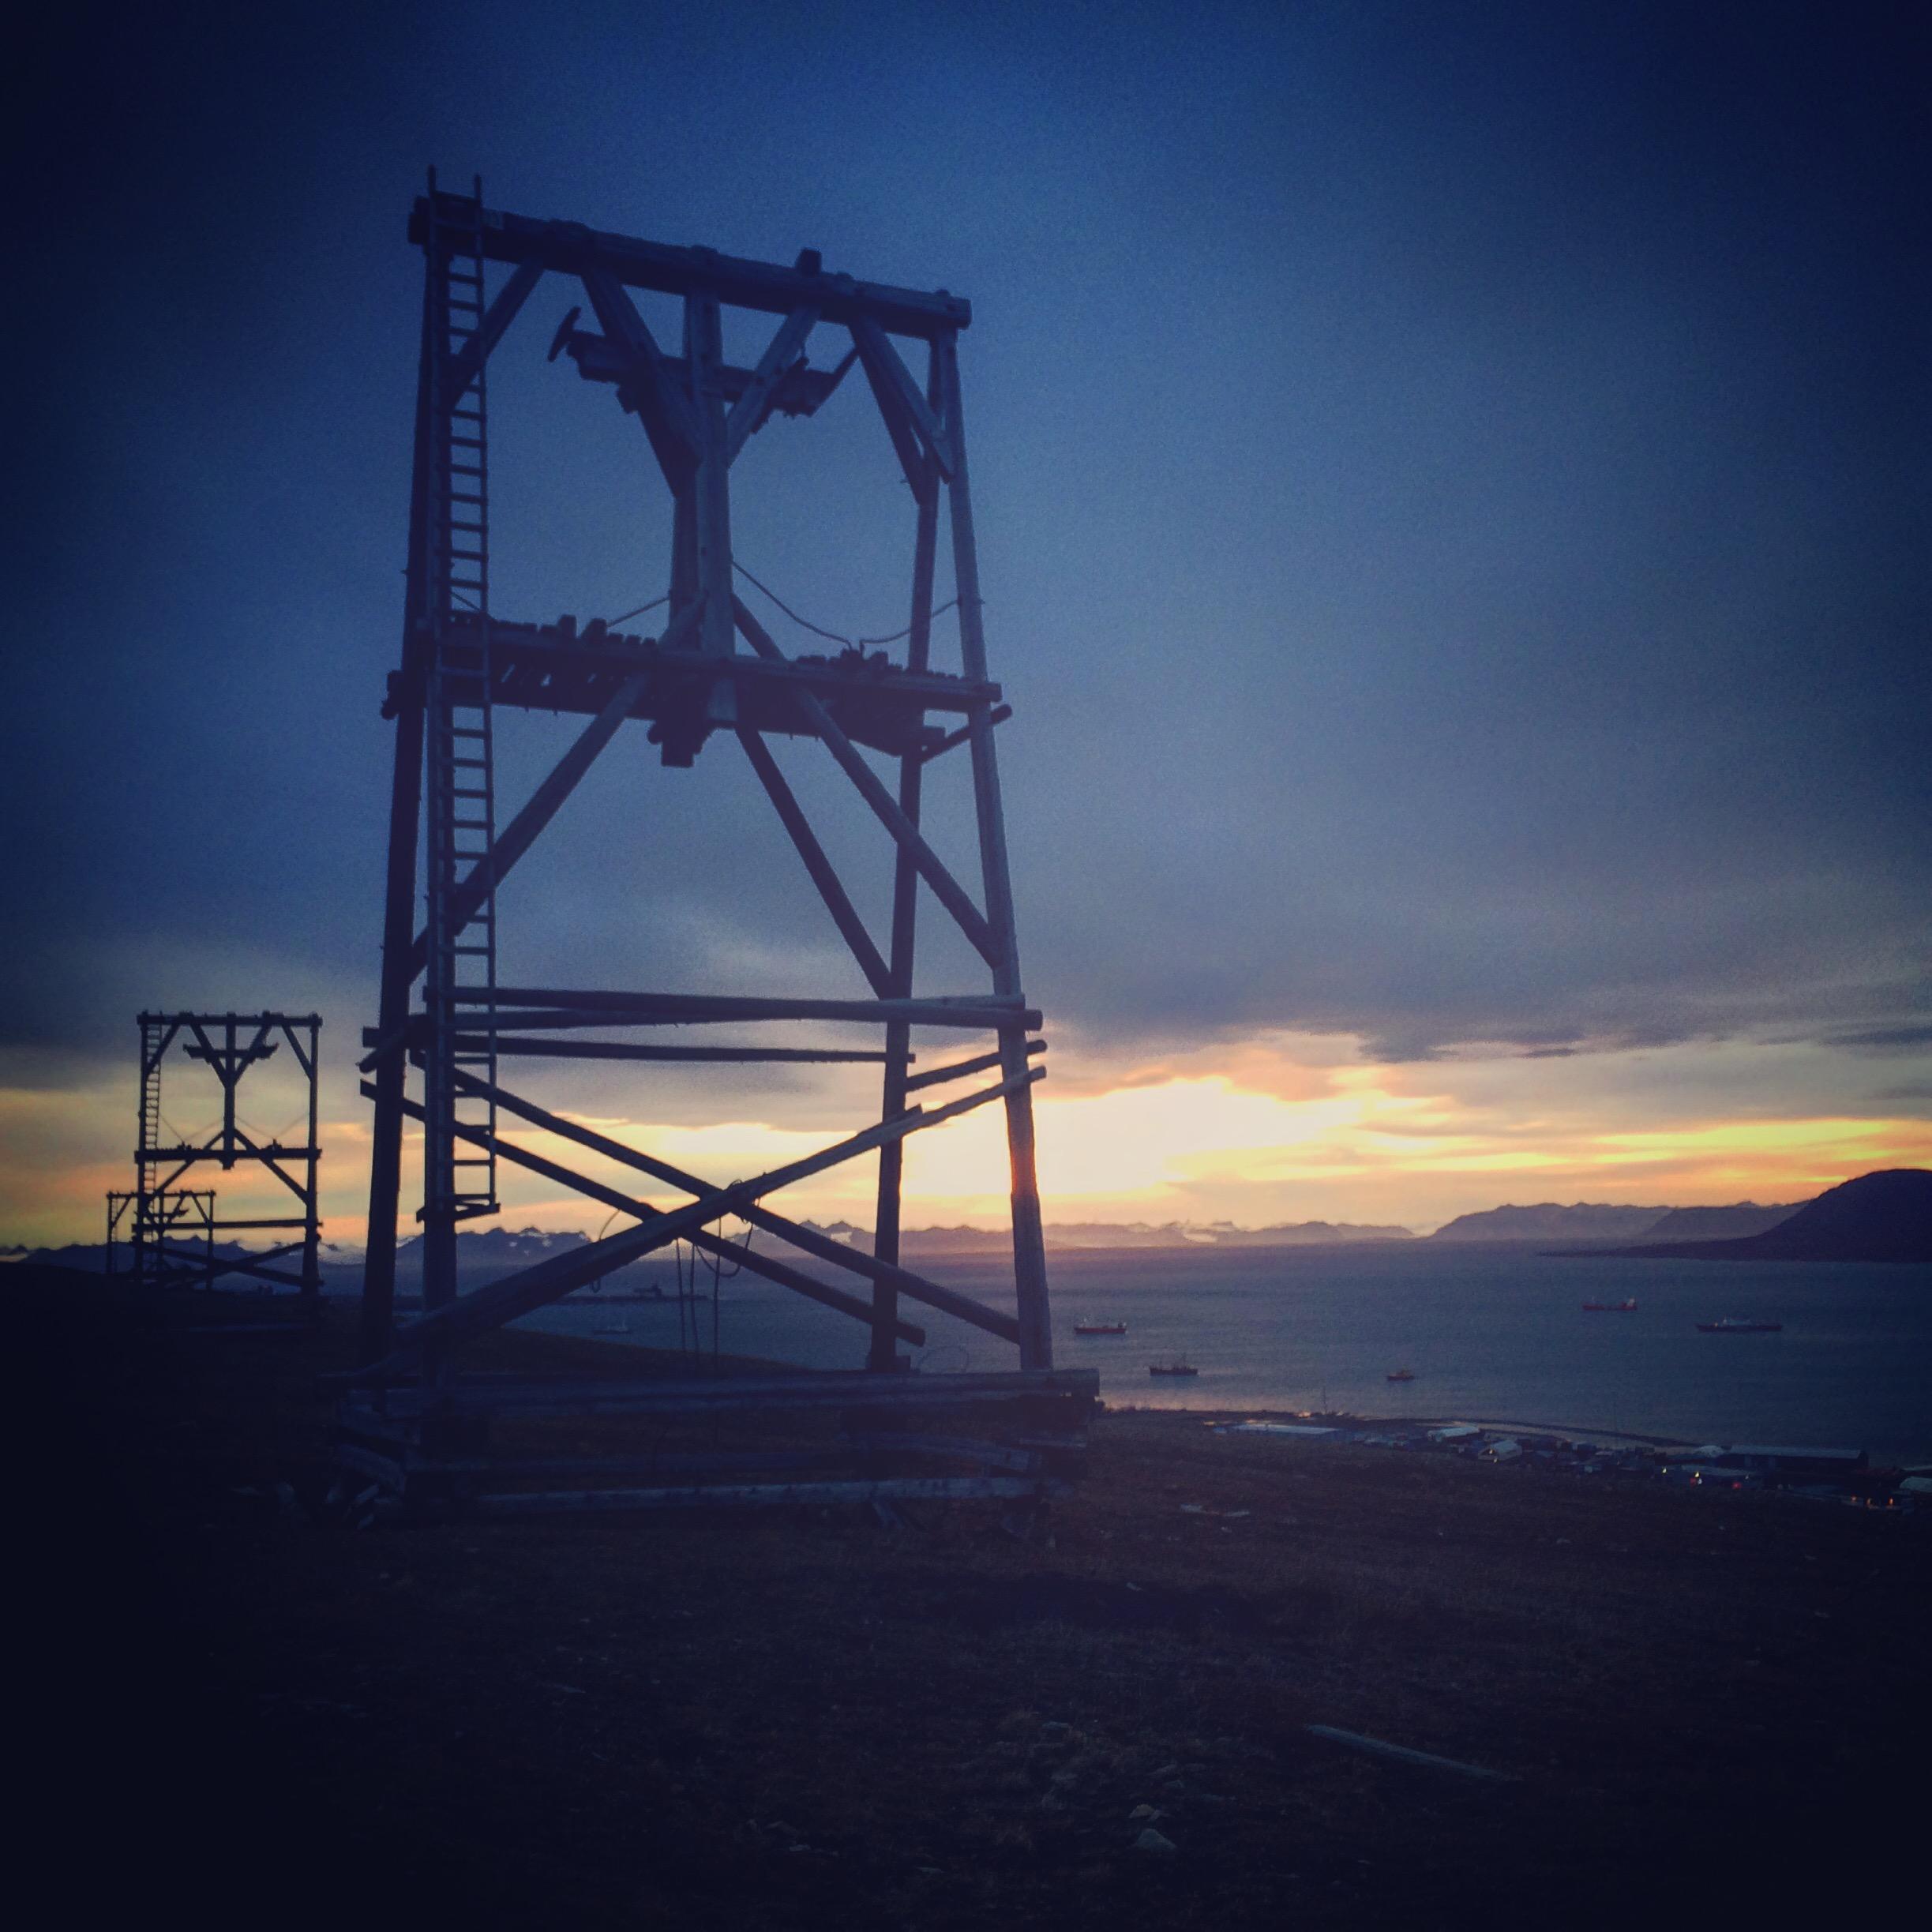 Taubanebukk, Longyearbyen